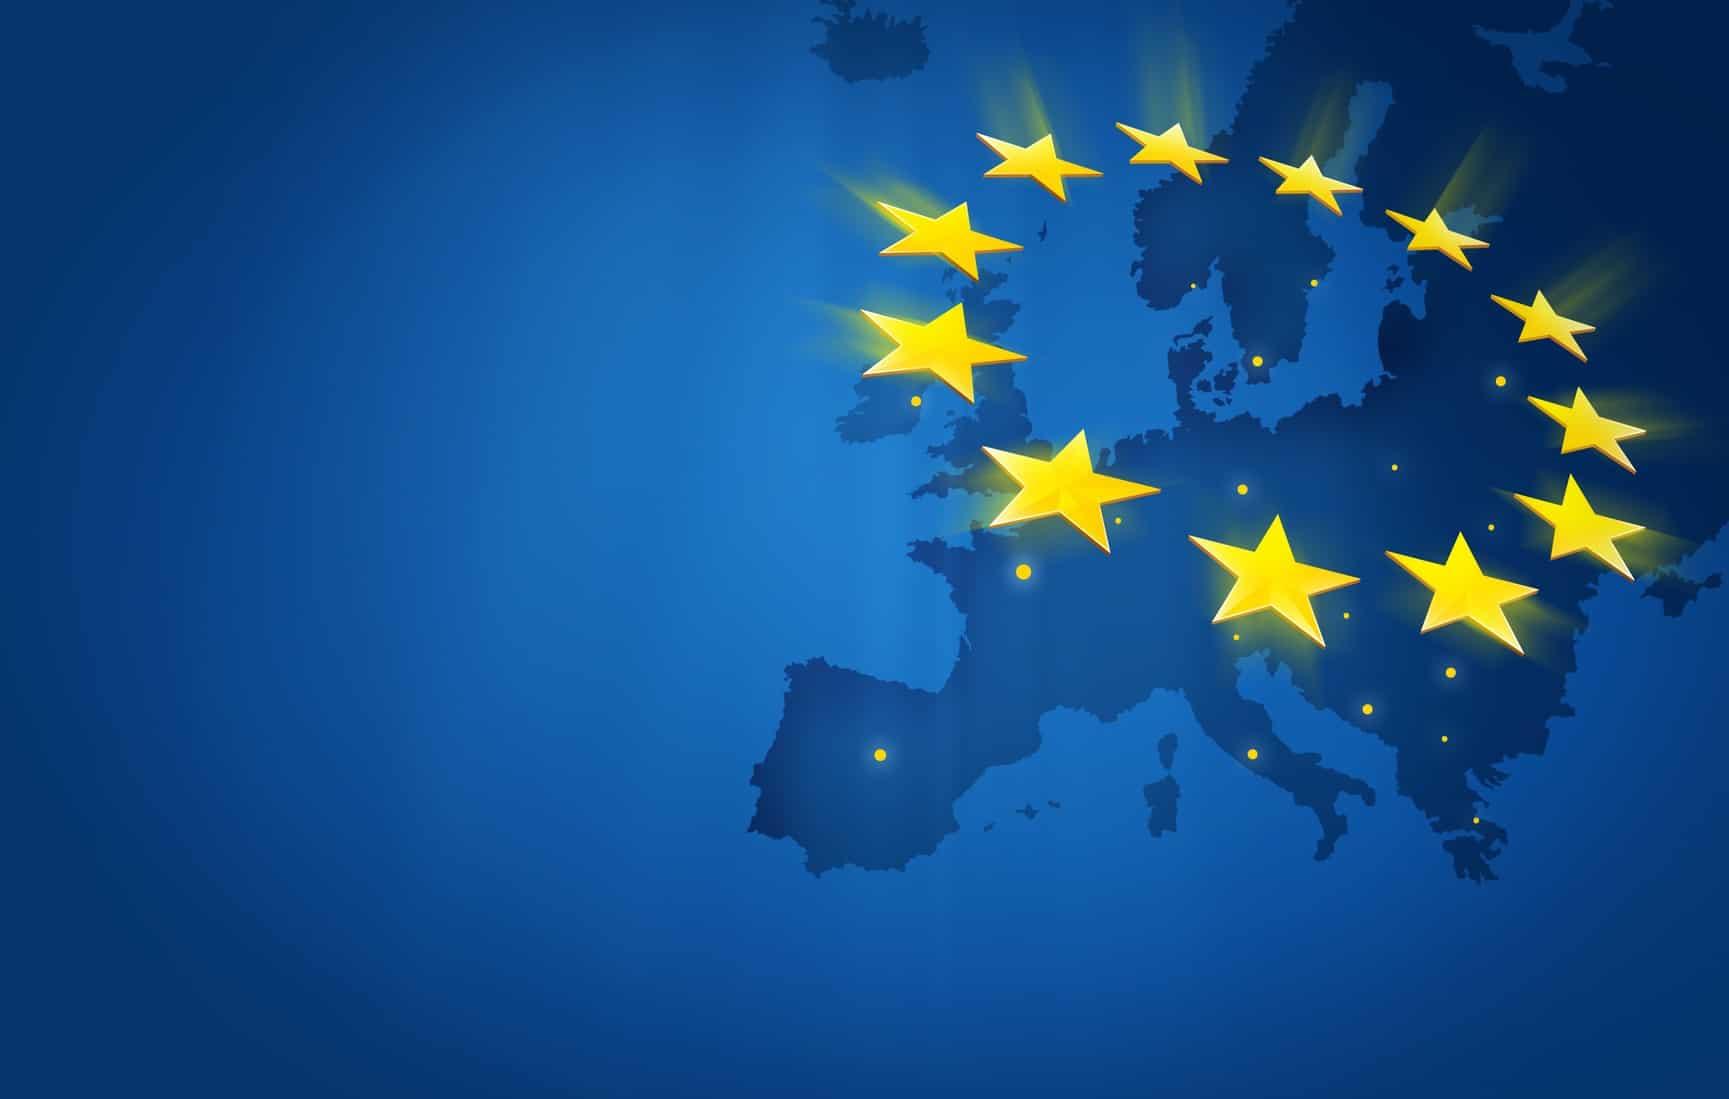 Αποτέλεσμα εικόνας για European union